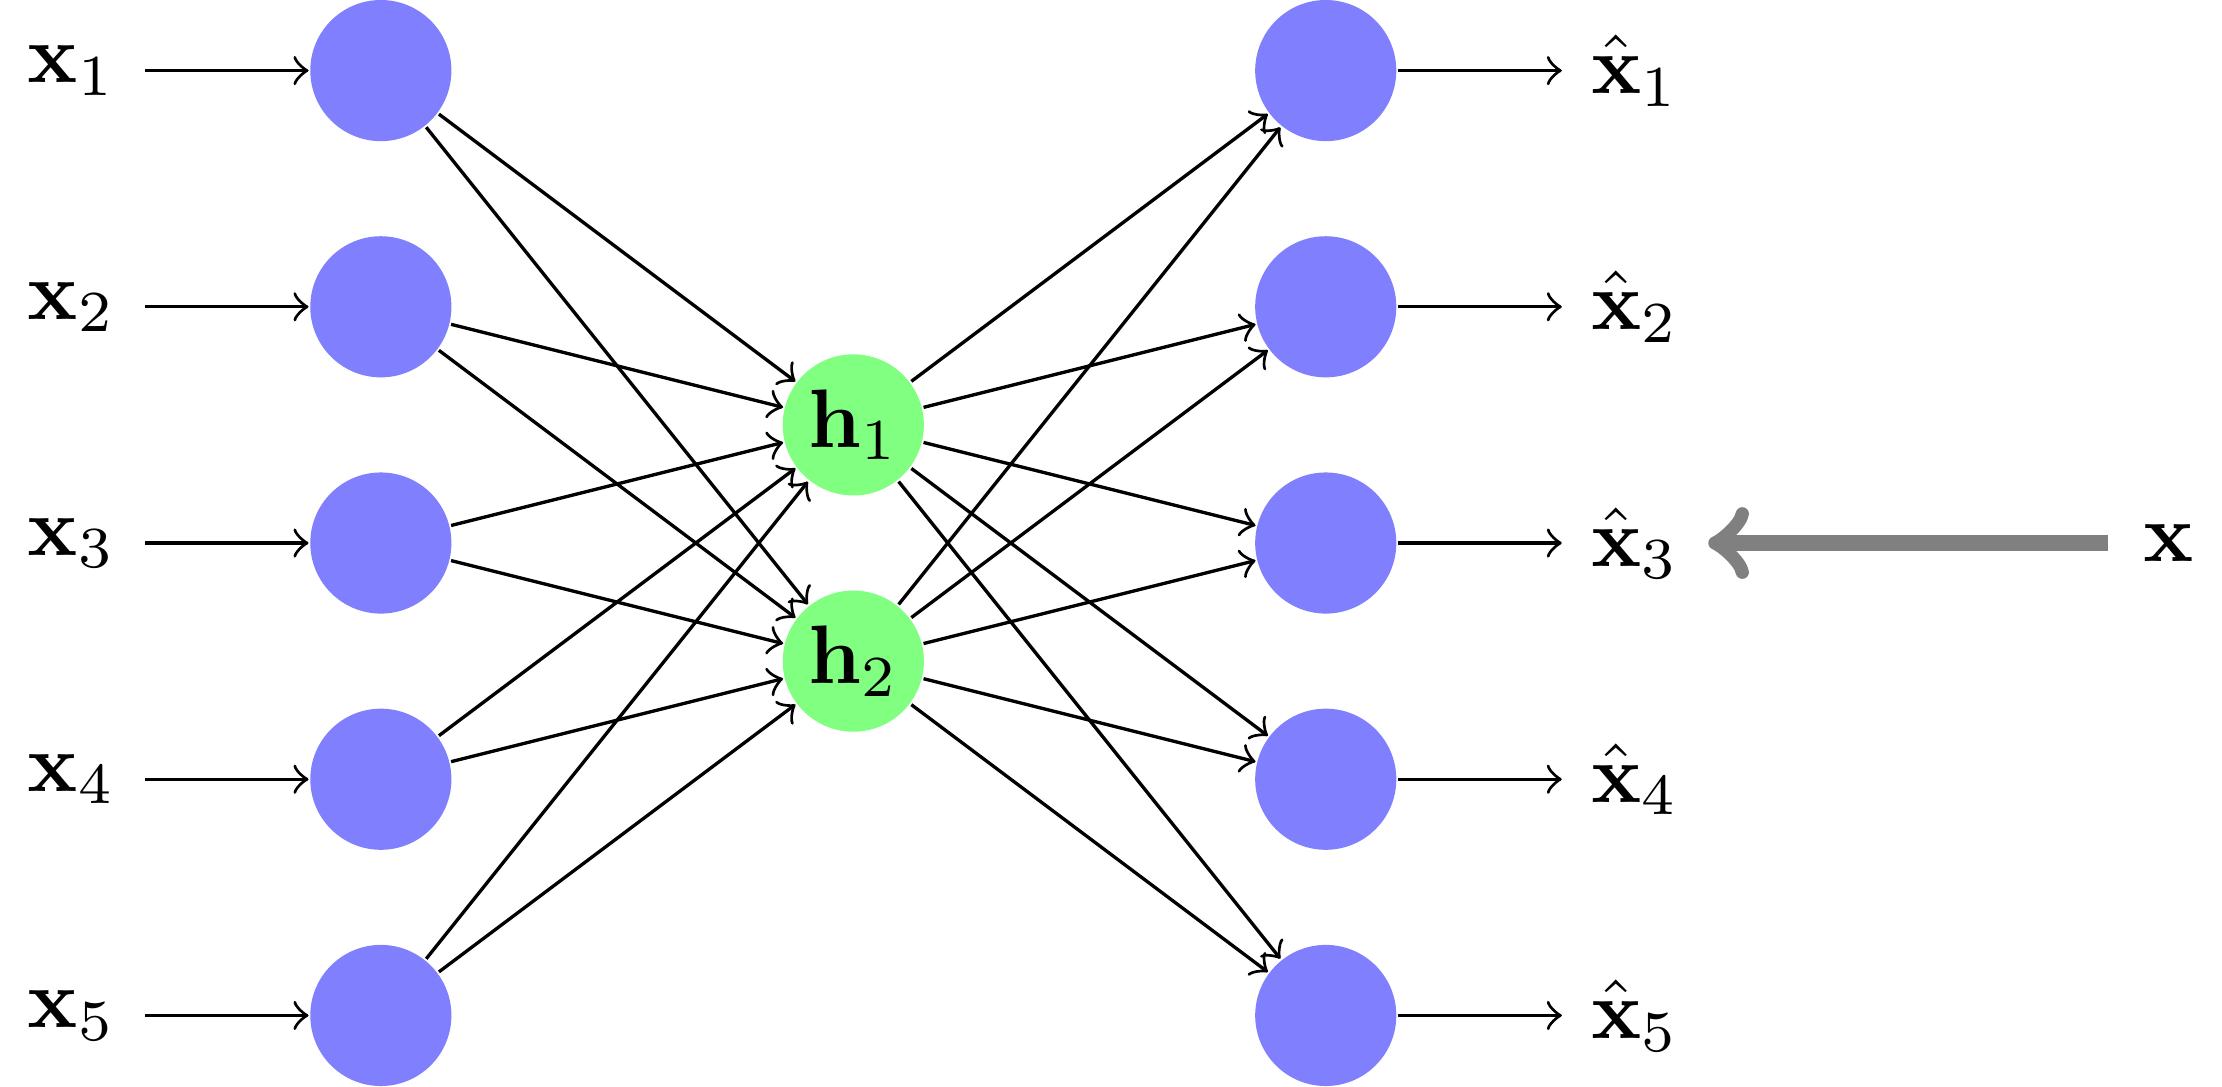 L'apprentissage d'un réseau diabolo